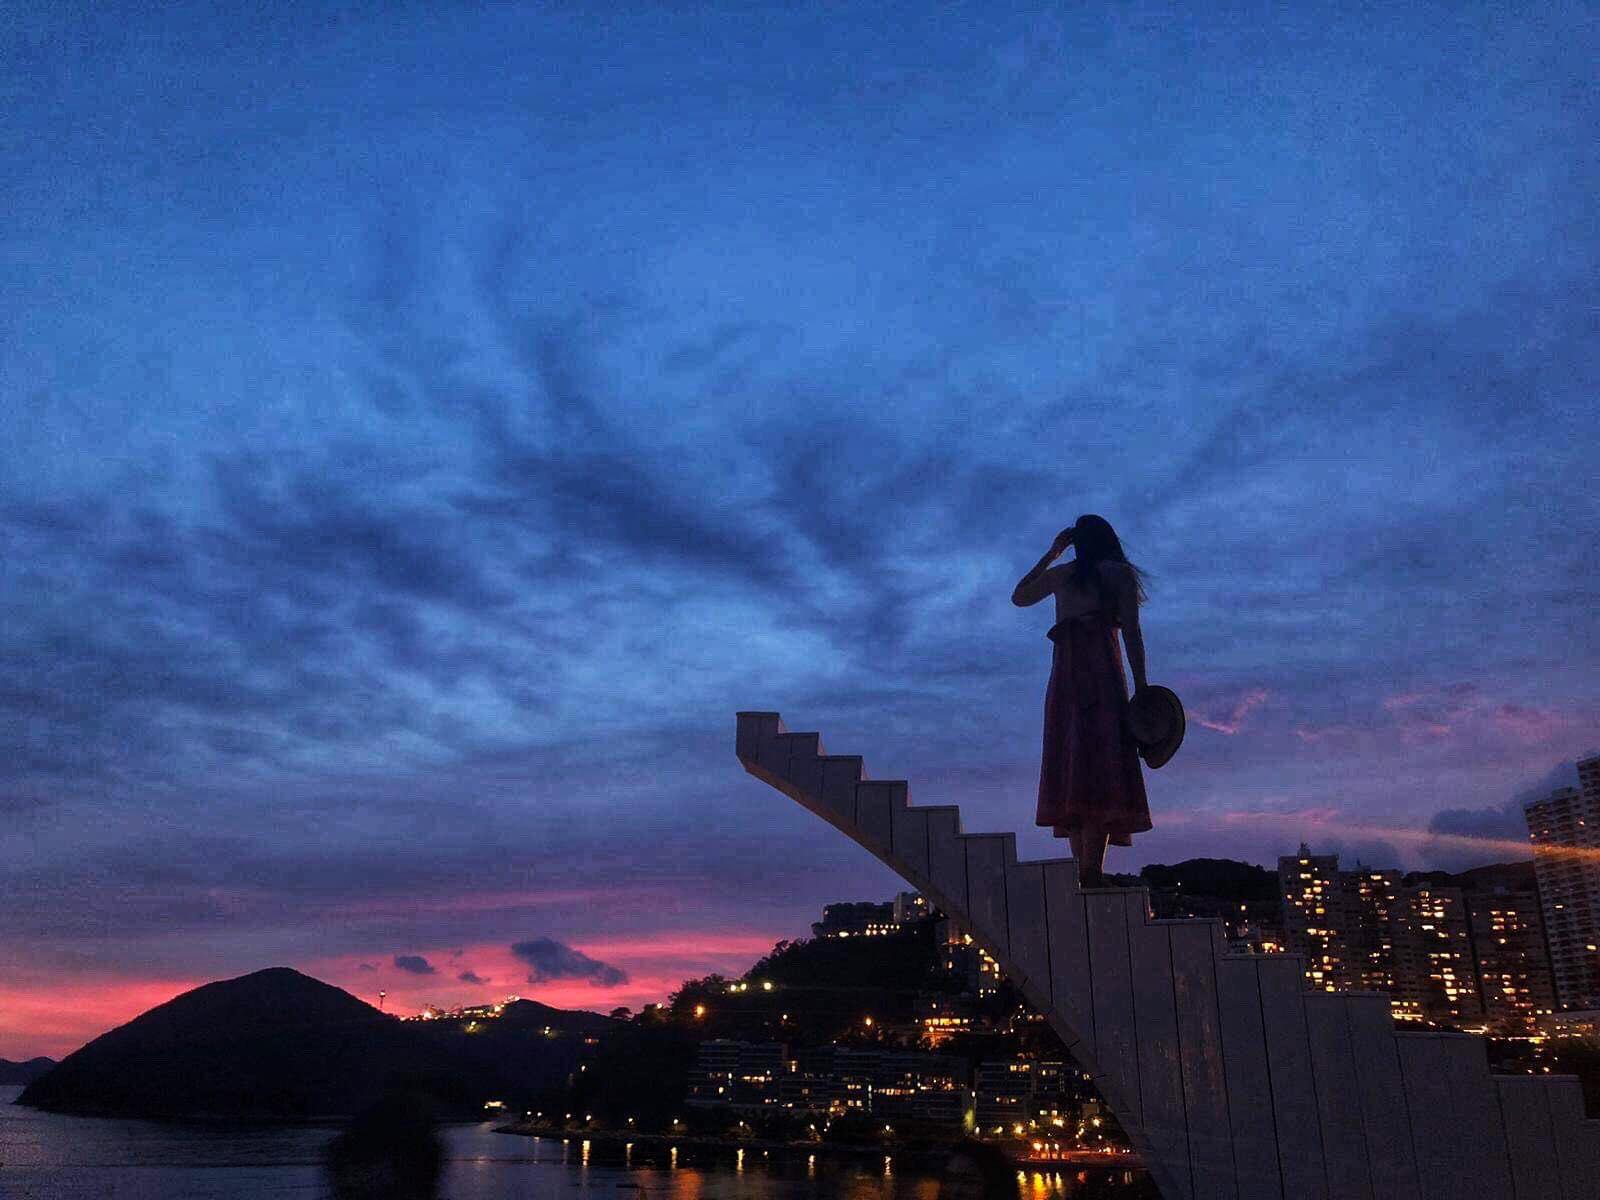 夕陽中的天國階梯好唯美 (圖片來源:The Pulse FB)